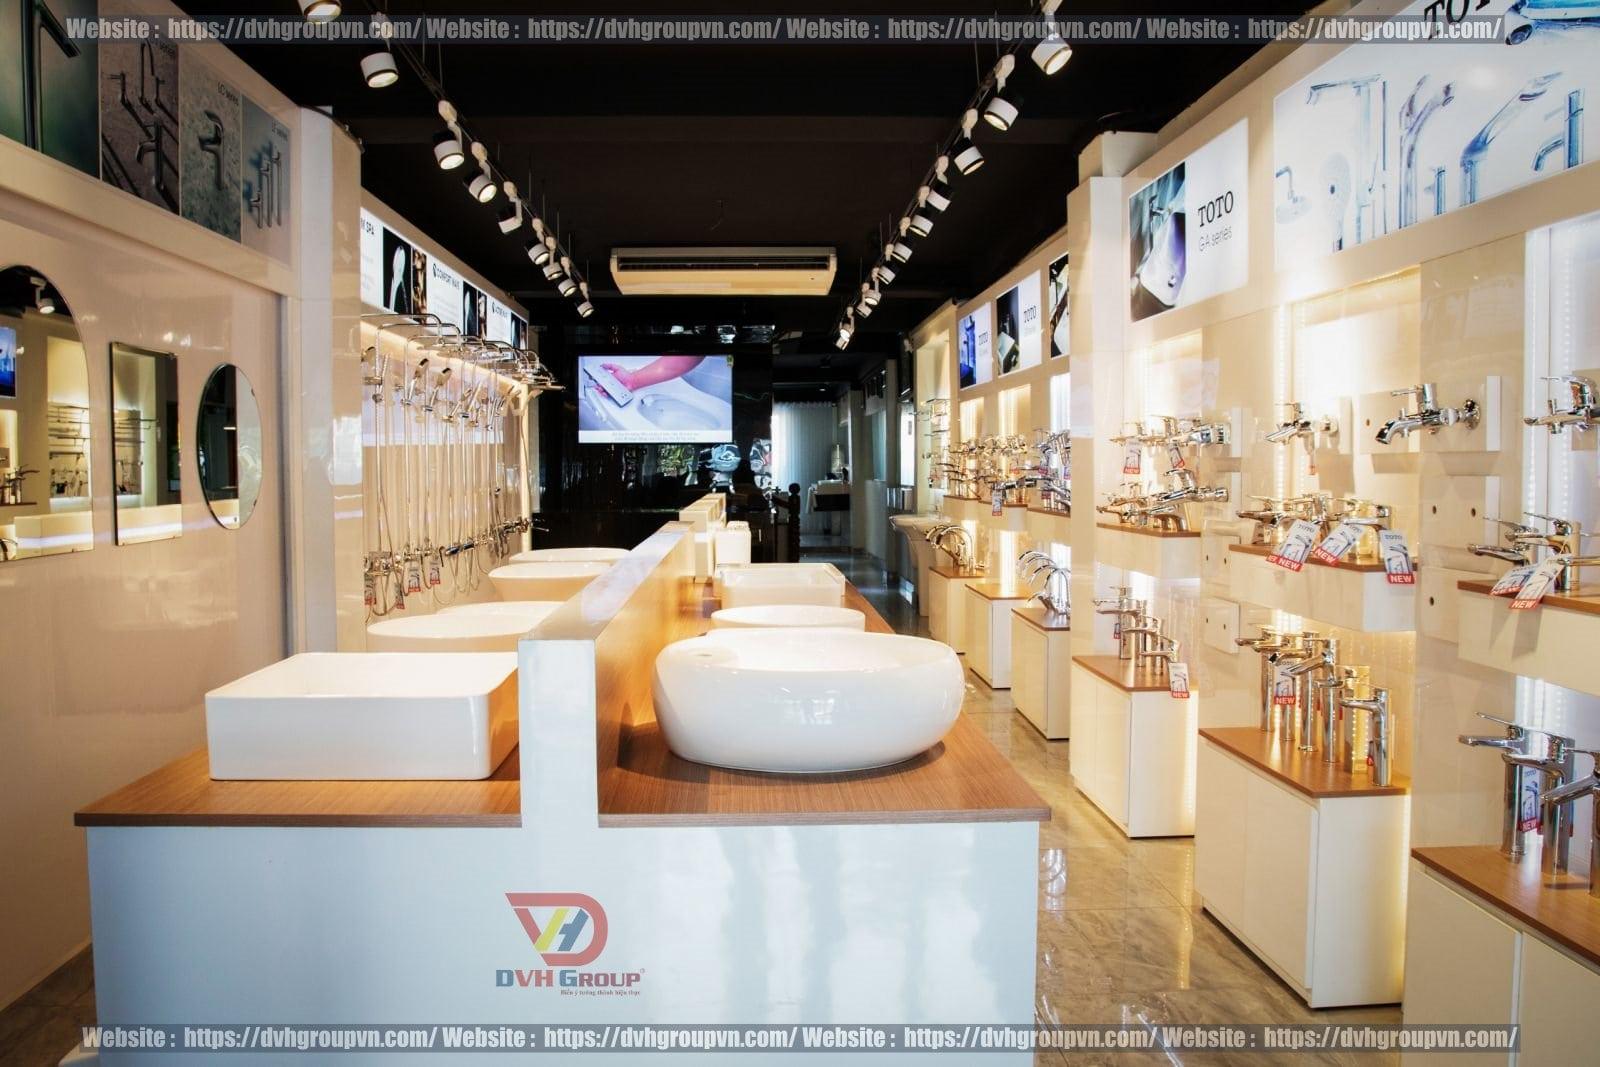 Yêu cầu về trưng bày sản phẩm khi thiết kế nội thất showroom cửa hàng thiết bị vệ sinh